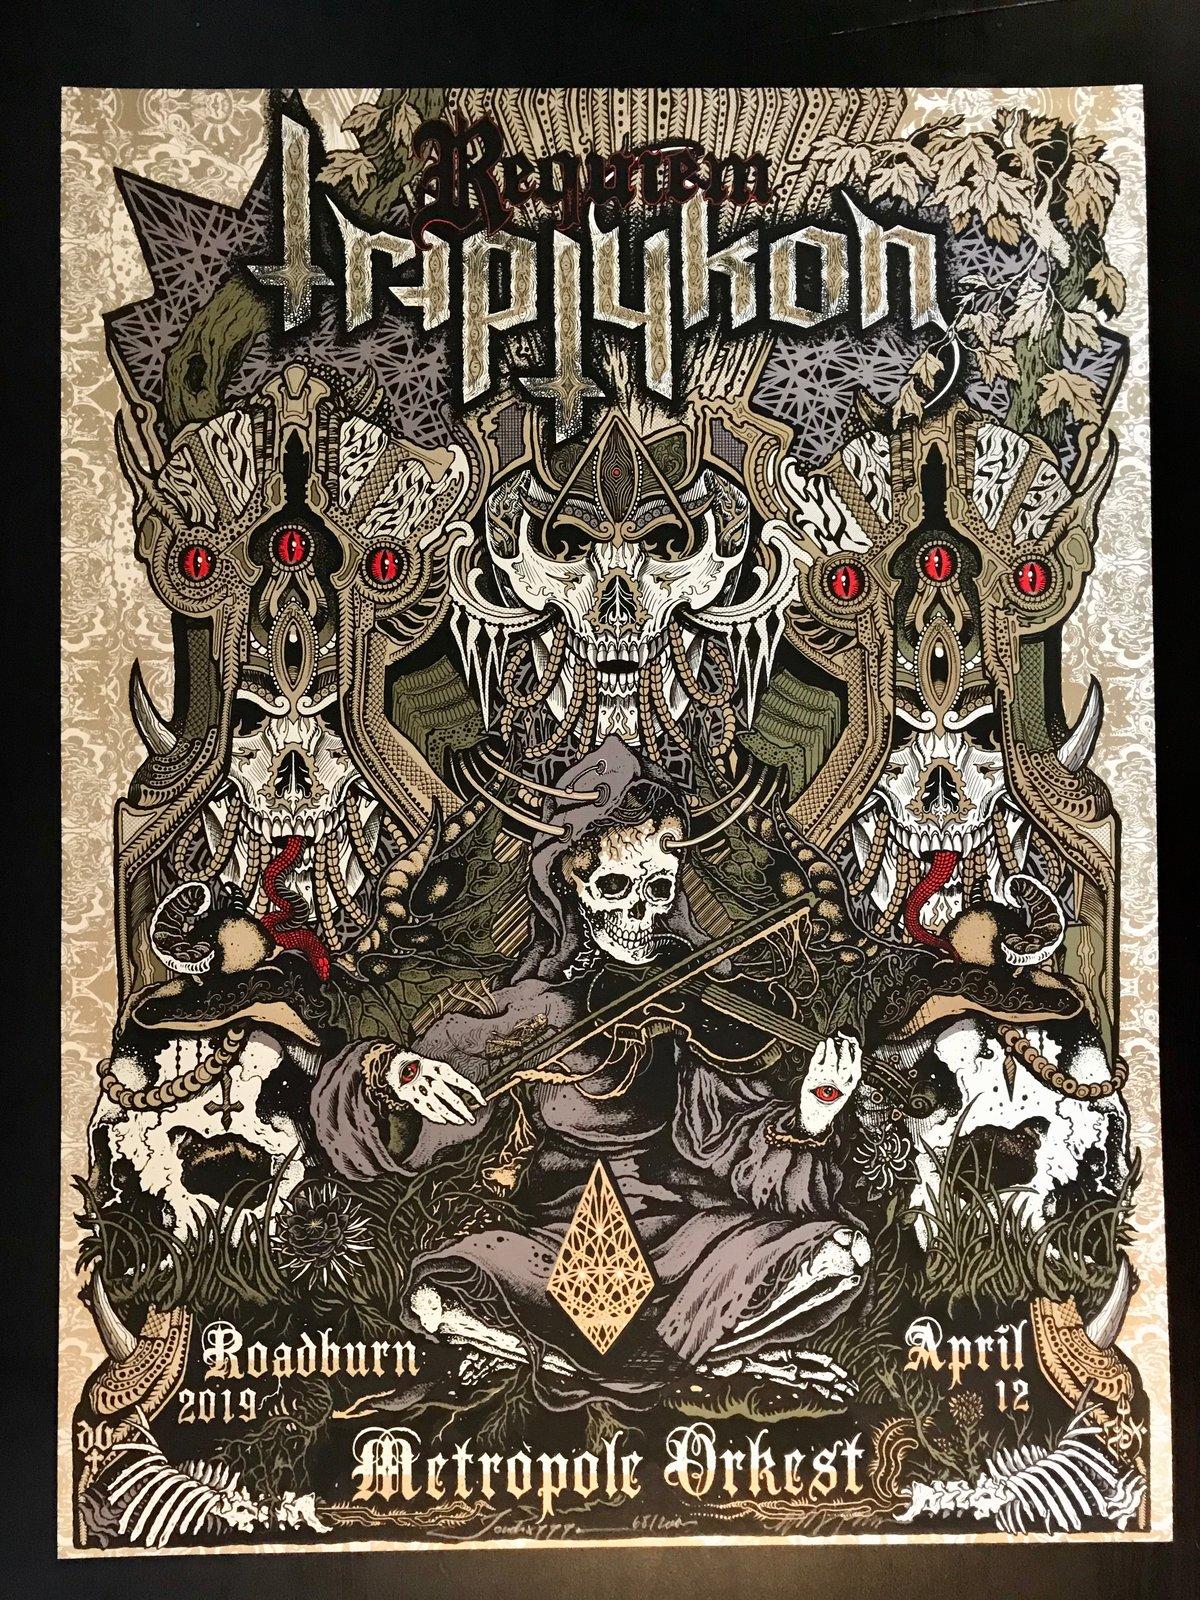 Image of Triptykon print by Jondix